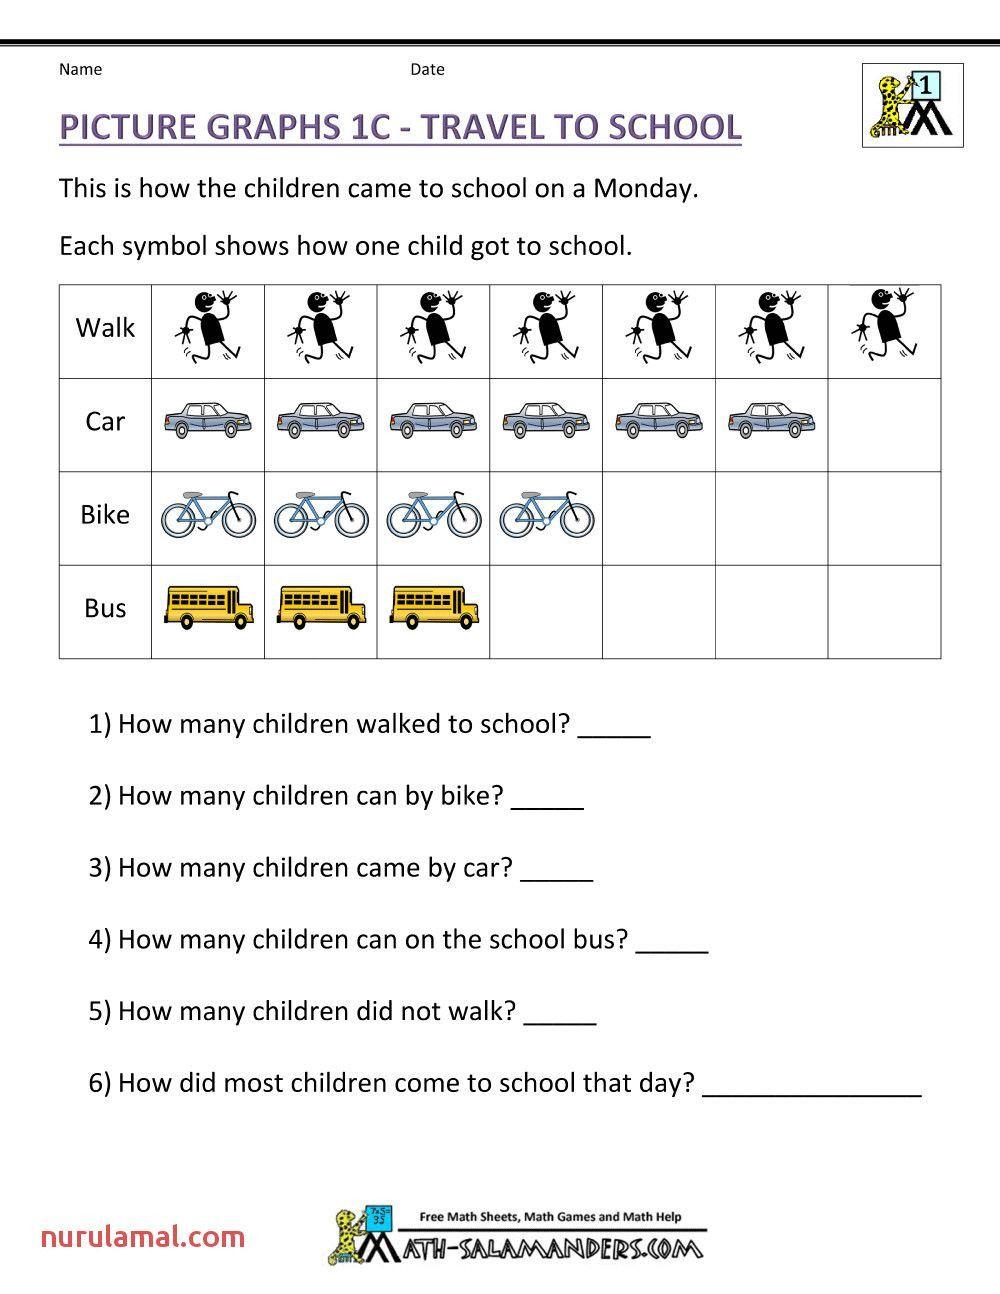 Pictograph Worksheets For Kindergarten Worksheet For Kindergarten Graphing Worksheets Graphing First Grade Picture Graph Worksheets - 49+ Kindergarten Graphing Worksheets Pictures